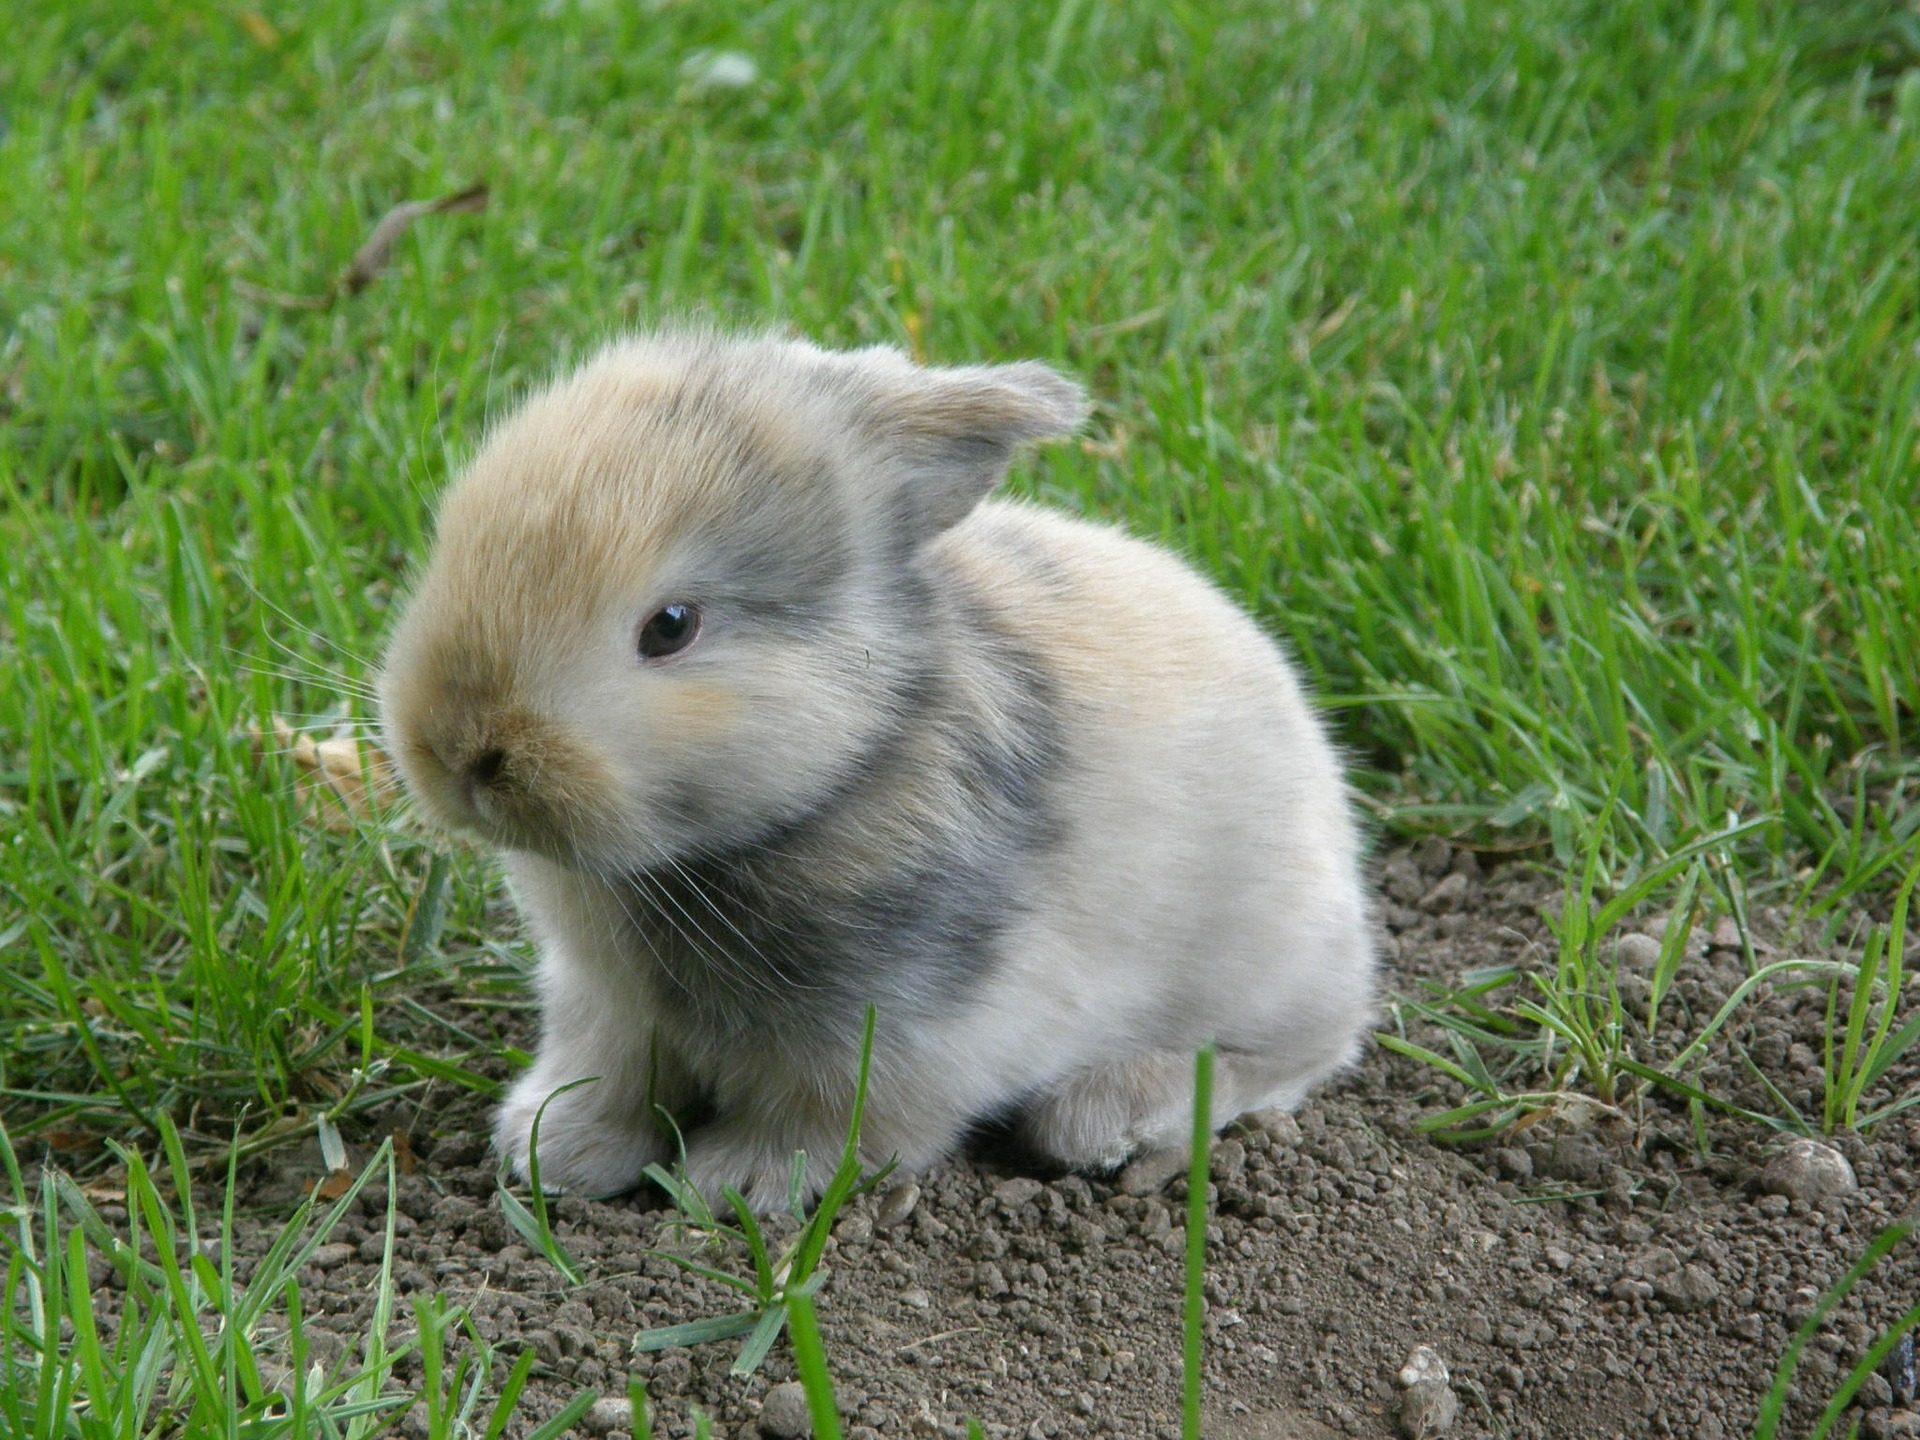 Coniglio, Cría, Lepre, roditore, campo, erba - Sfondi HD - Professor-falken.com